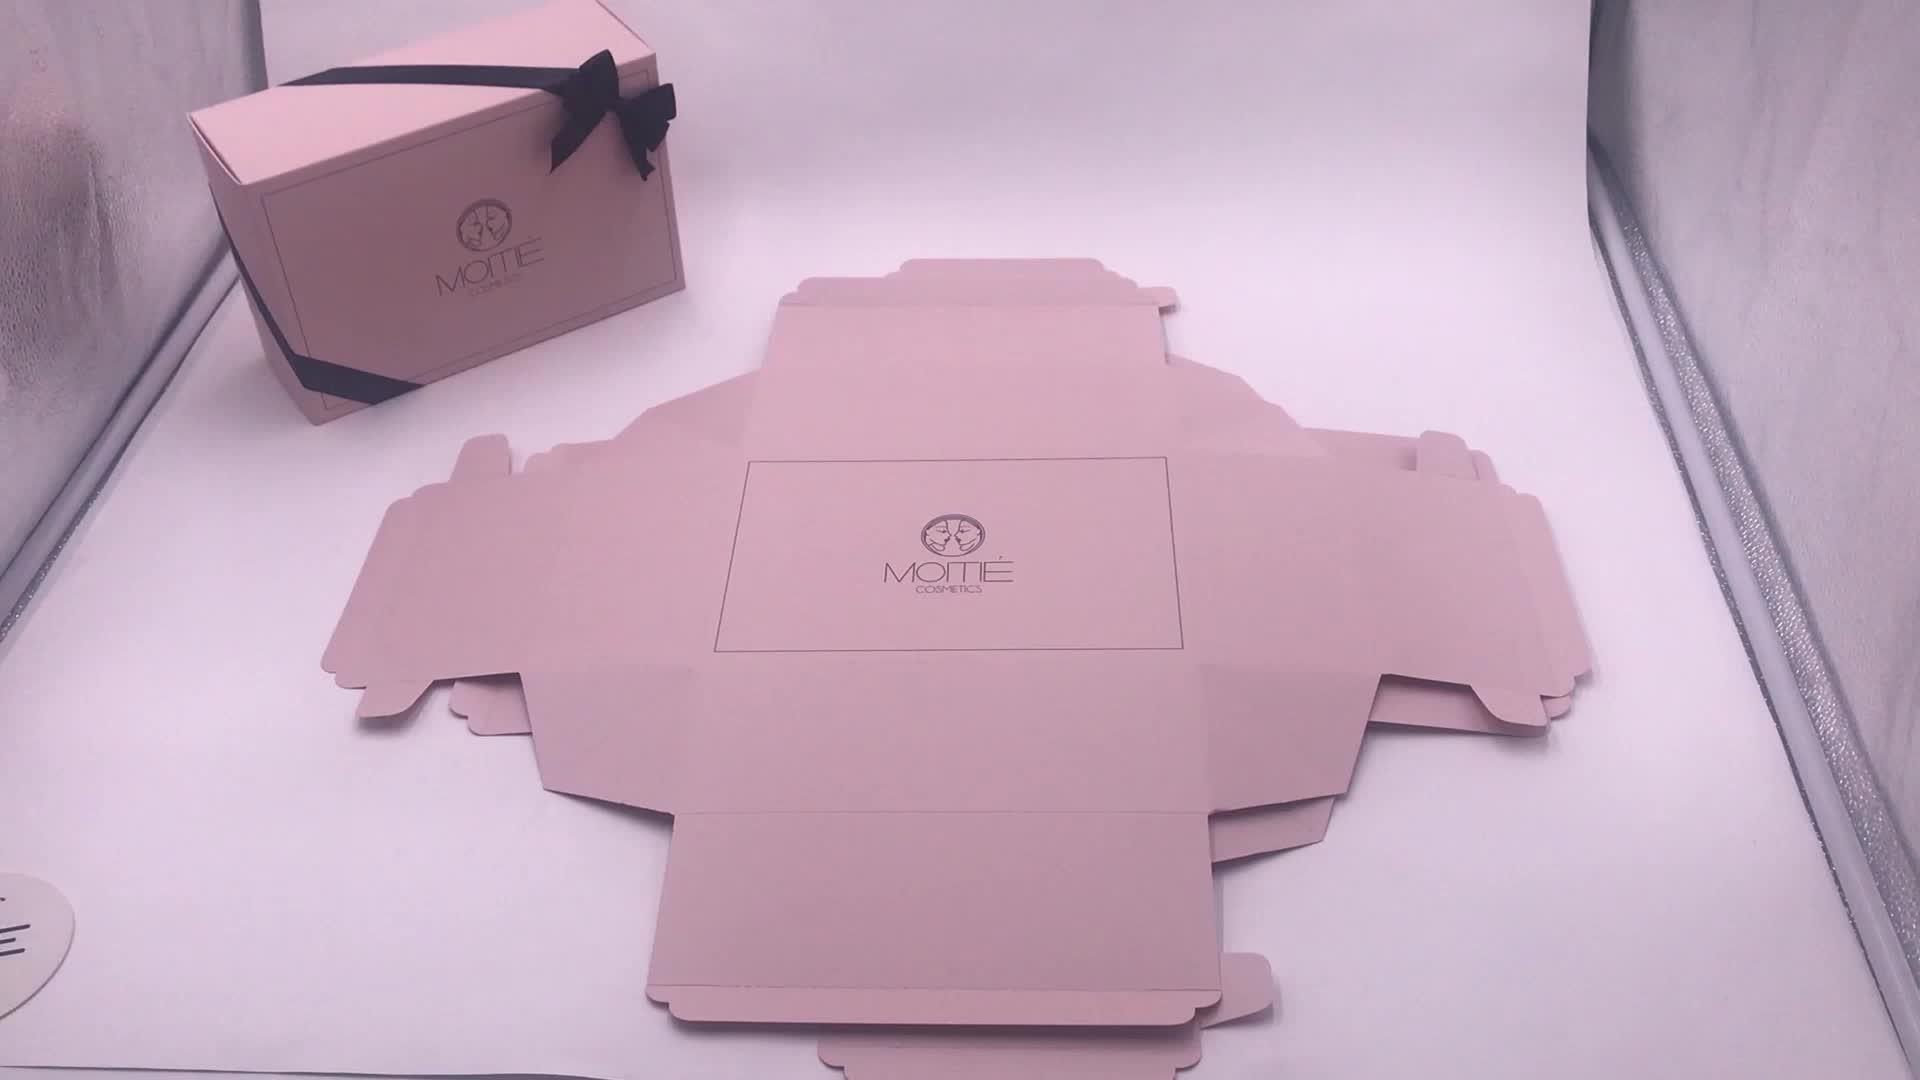 14 साल फैक्टरी नि: शुल्क नमूना लक्जरी कस्टम लोगो उपहार बॉक्स रिबन बंद होने के साथ कॉस्मेटिक उपहार बॉक्स बाल एक्सटेंशन बॉक्स